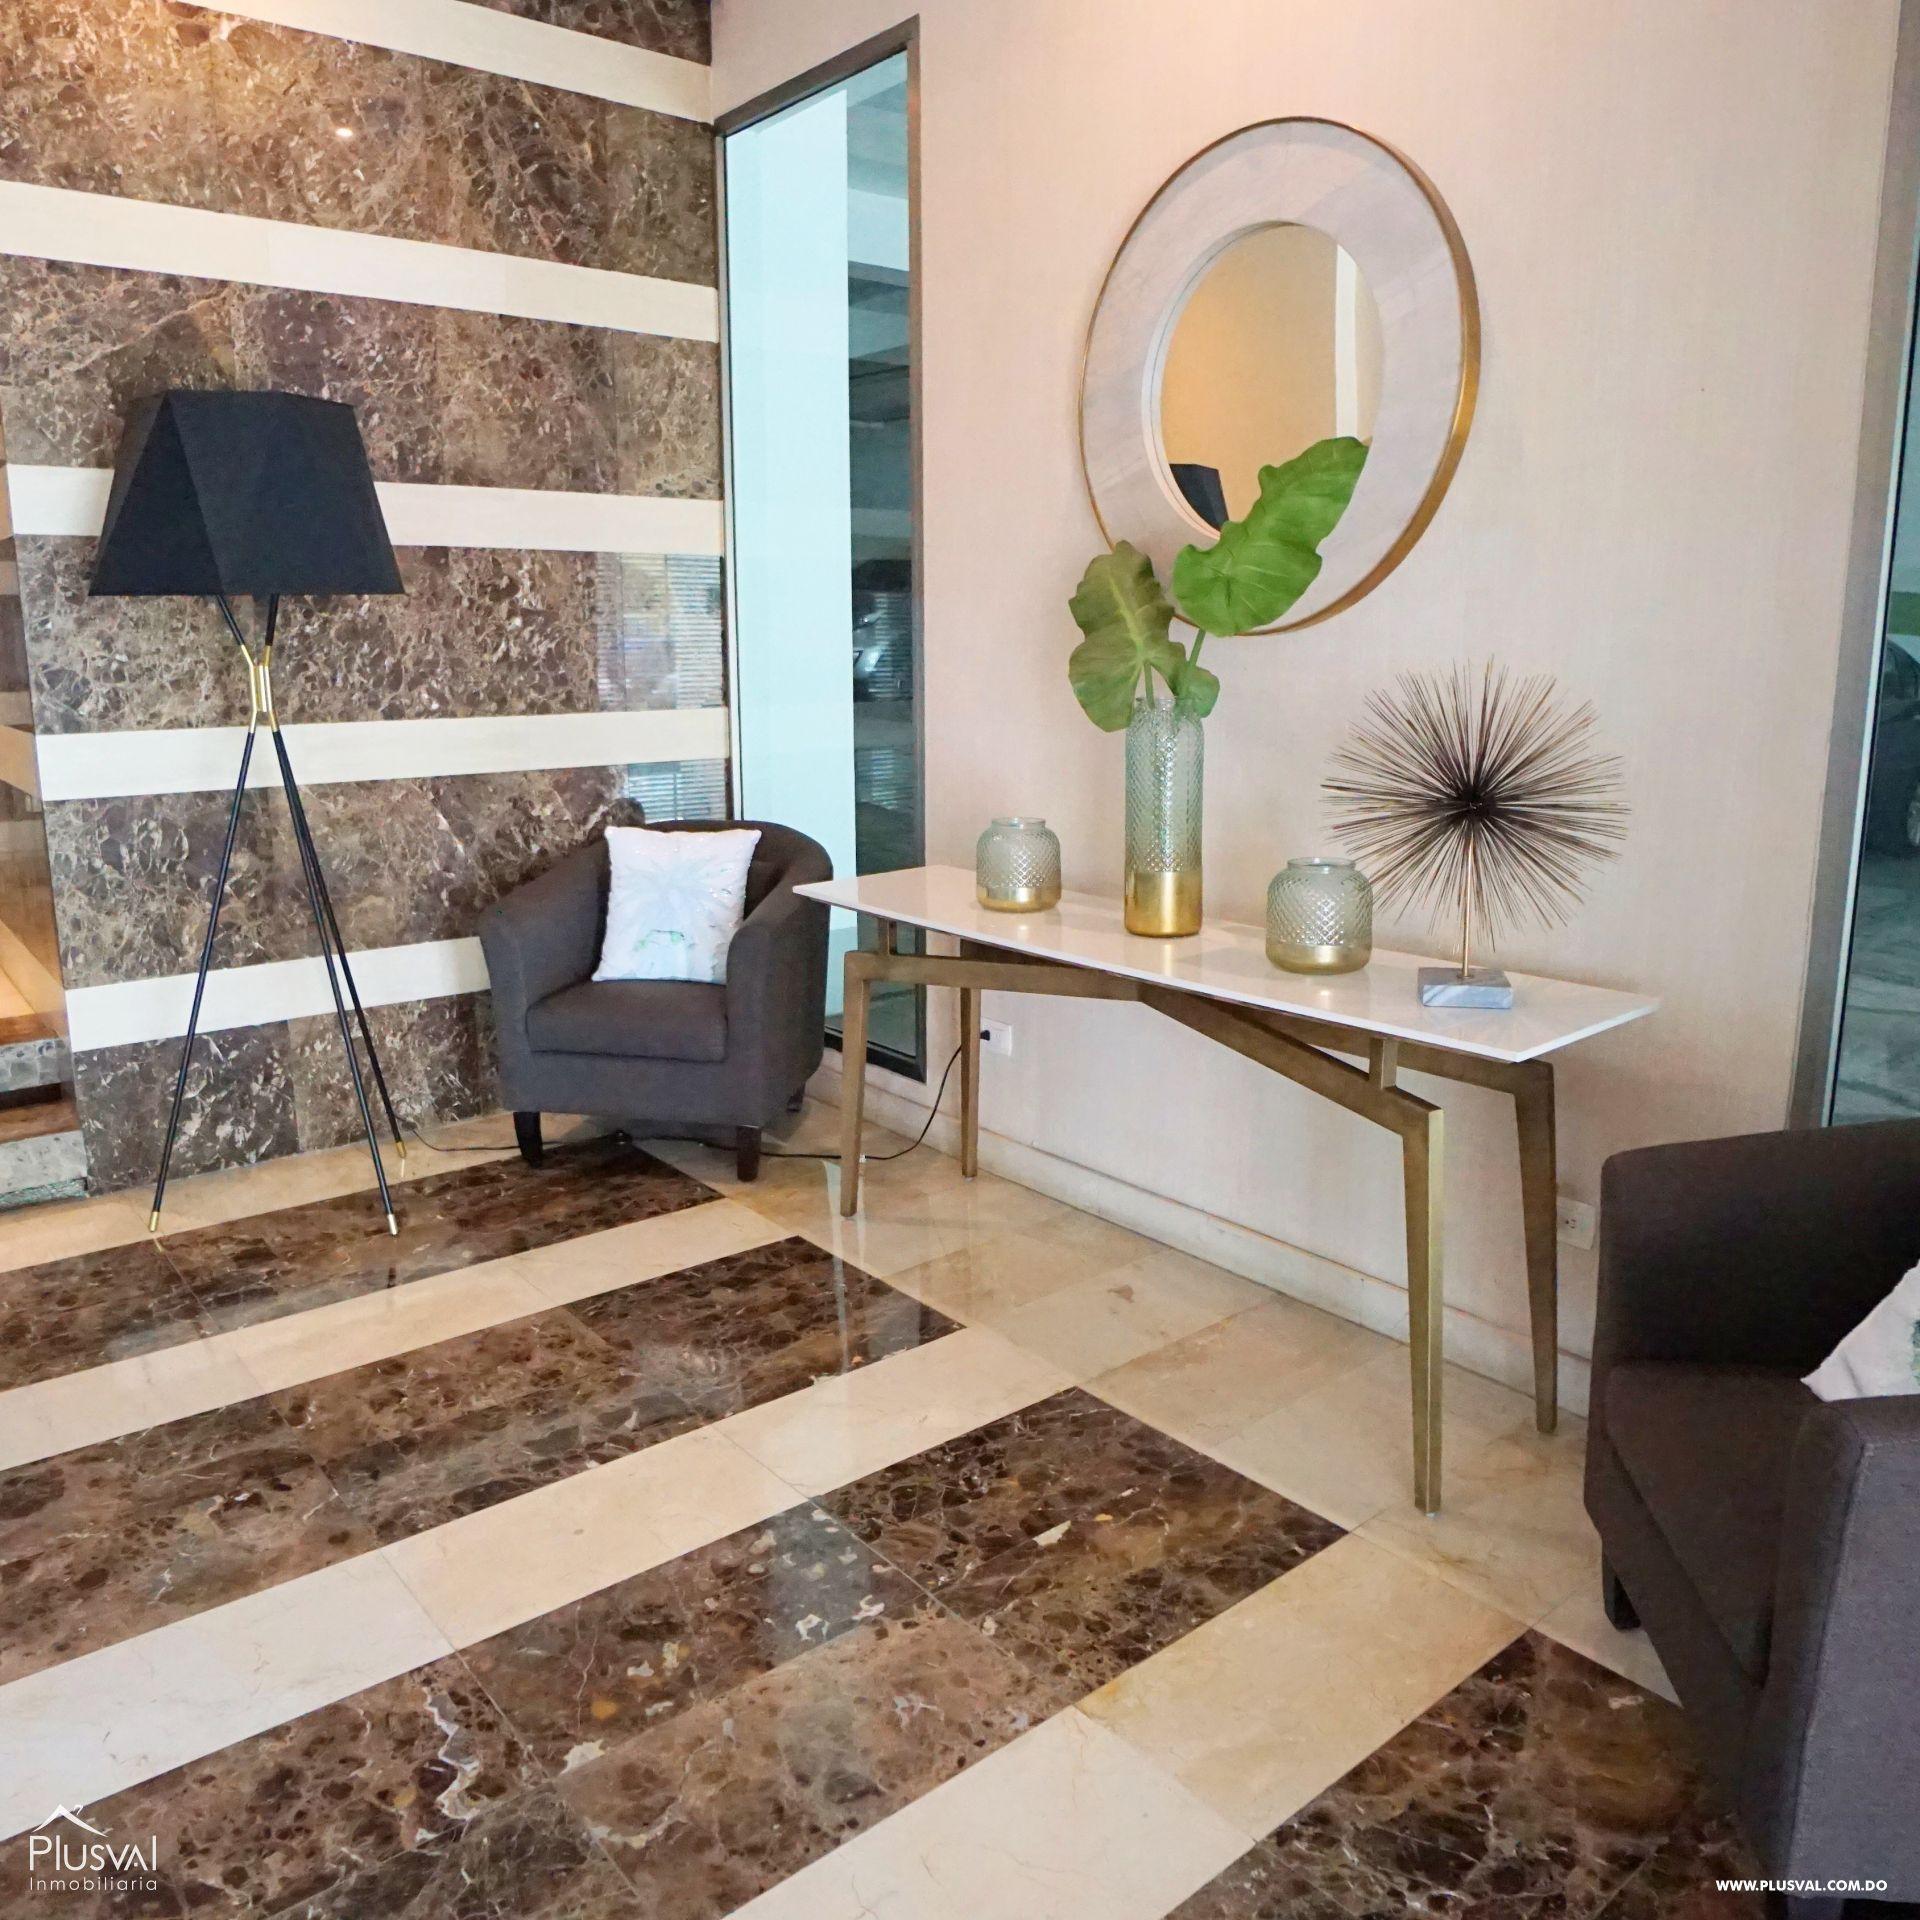 Amplio y moderno apartamento en el exclusivo sector de Naco